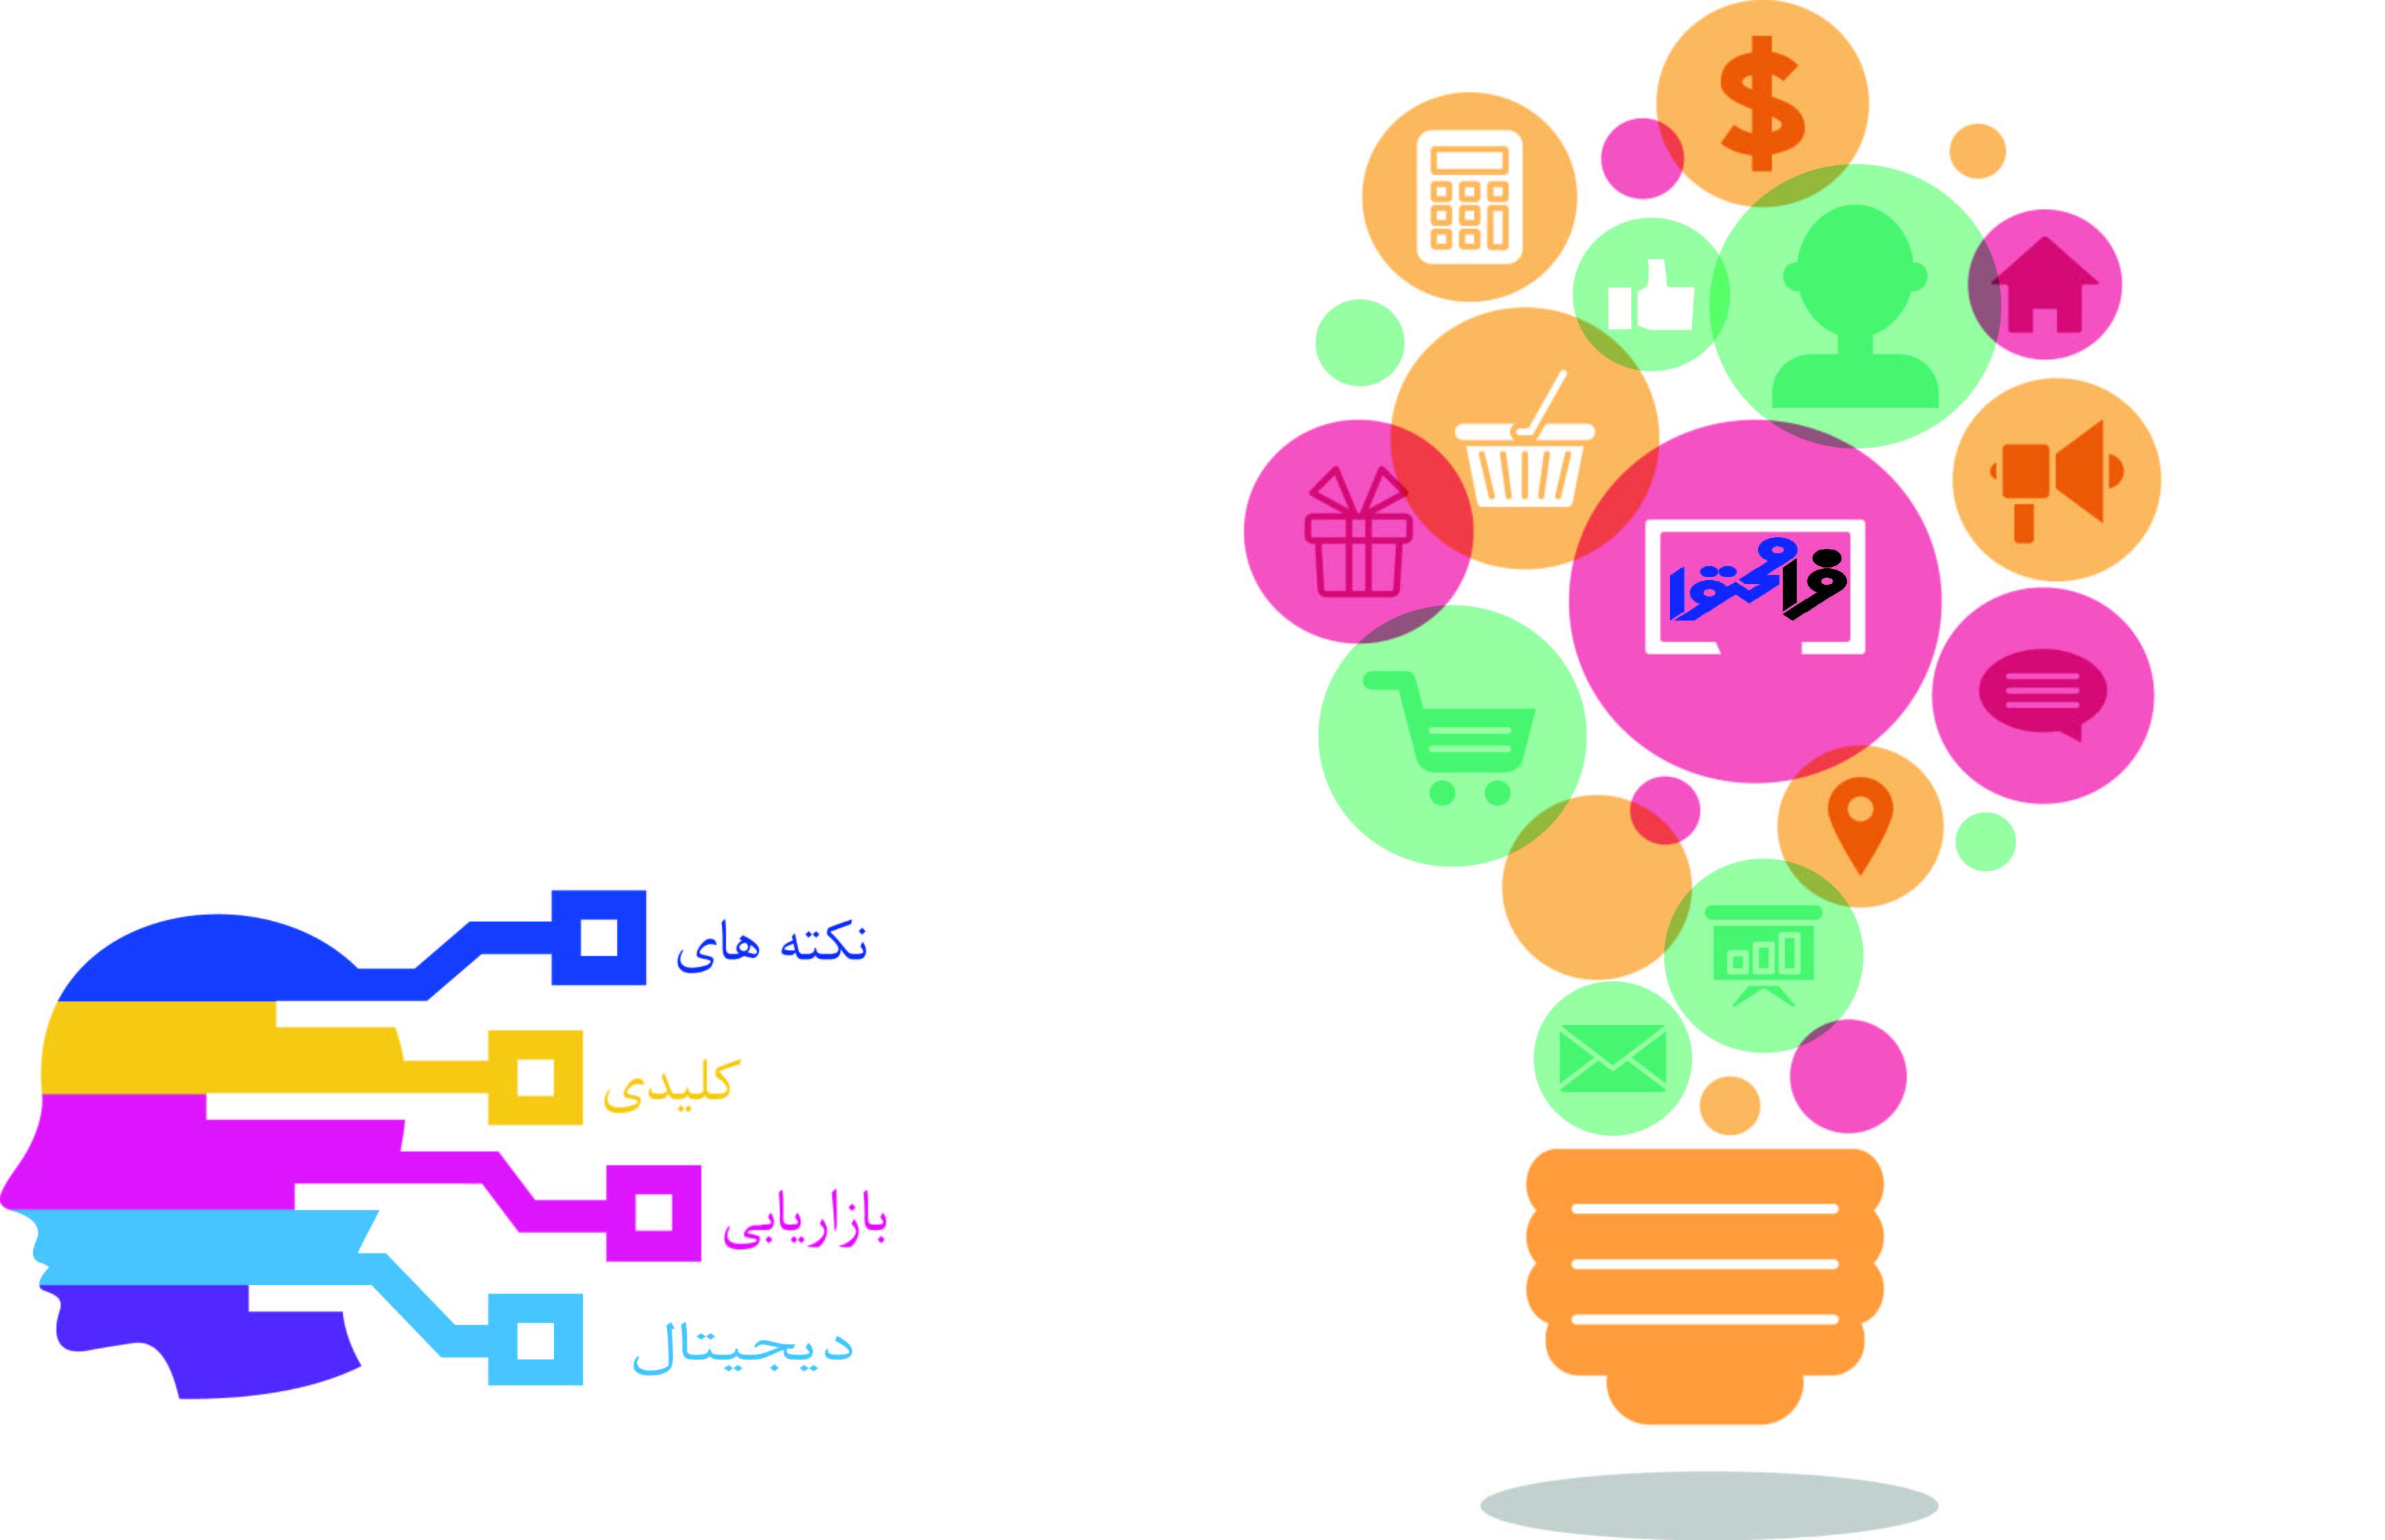 یک طرح دیجیتال مارکتینگ میتواند تفاوتهایی اساسی ایجاد کند که تصمیمگیرندگان دو دل را به سمت محصول یا سرویس شما ترغیب کند.